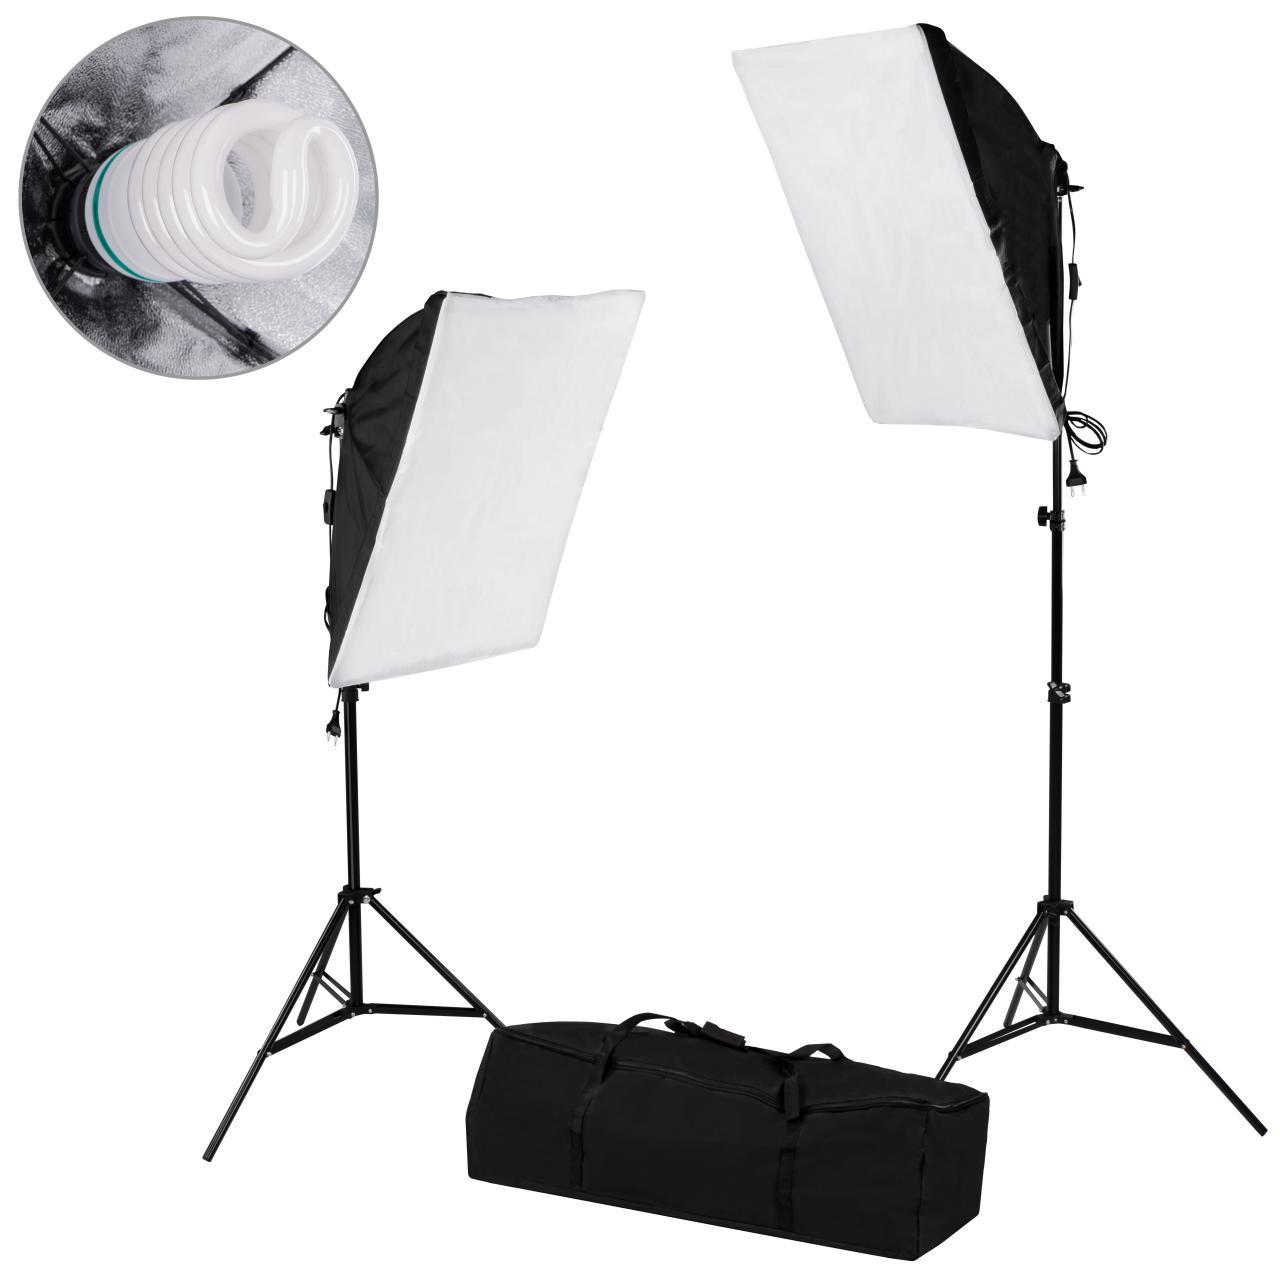 2 er set fotostudio studio lampe leuchte beleuchtung softbox tragetasche 55w ebay. Black Bedroom Furniture Sets. Home Design Ideas